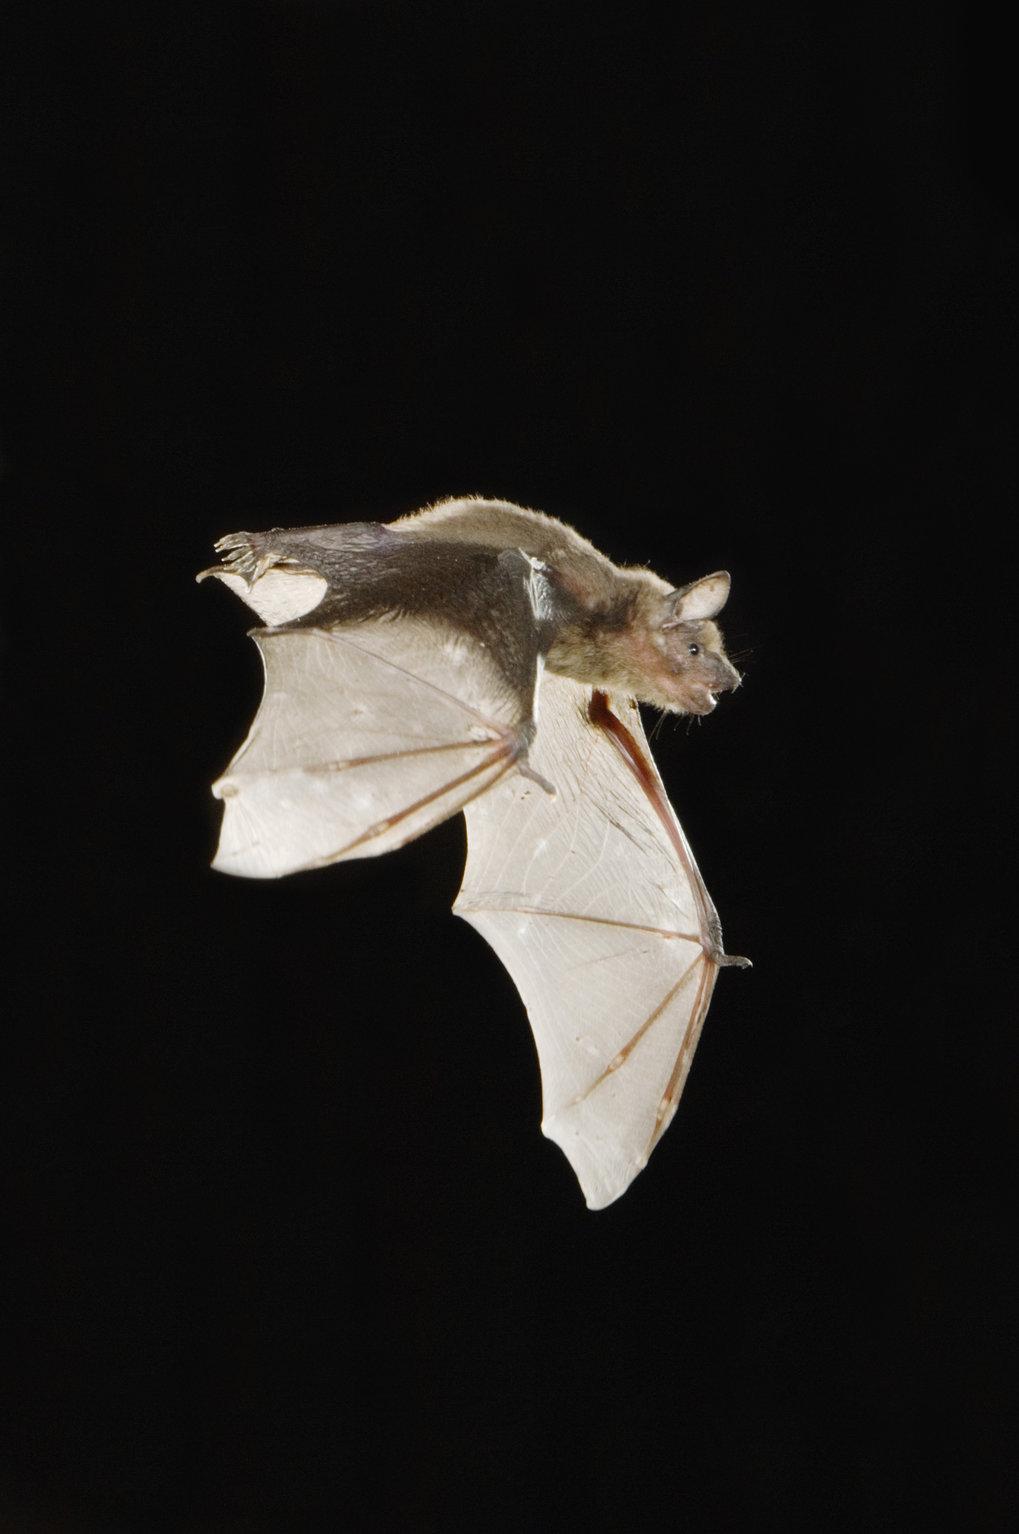 Kleiner Abendsegler (Nyctalus leisleri). Abendsegler sind nachtaktiv und beginnen ihre Jagdflüge bereits kurz nach Sonnenuntergang. Im Herbst fliegen